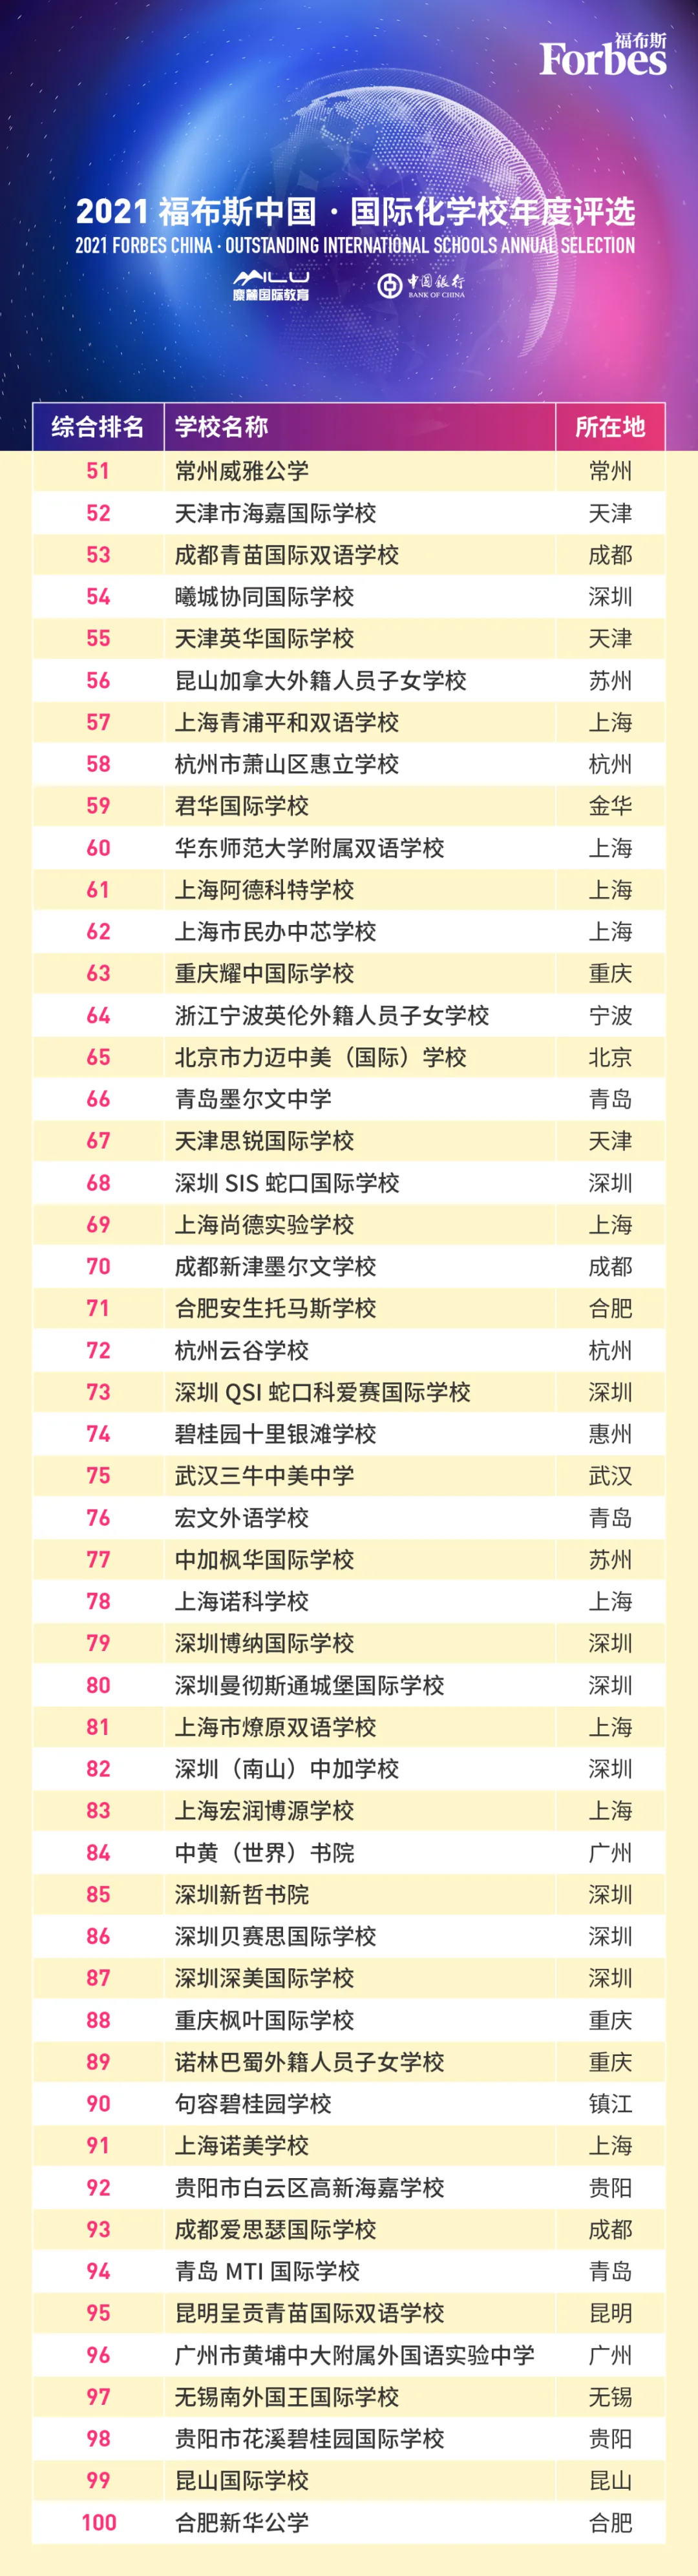 2021福布斯中国国际化学校年度评选